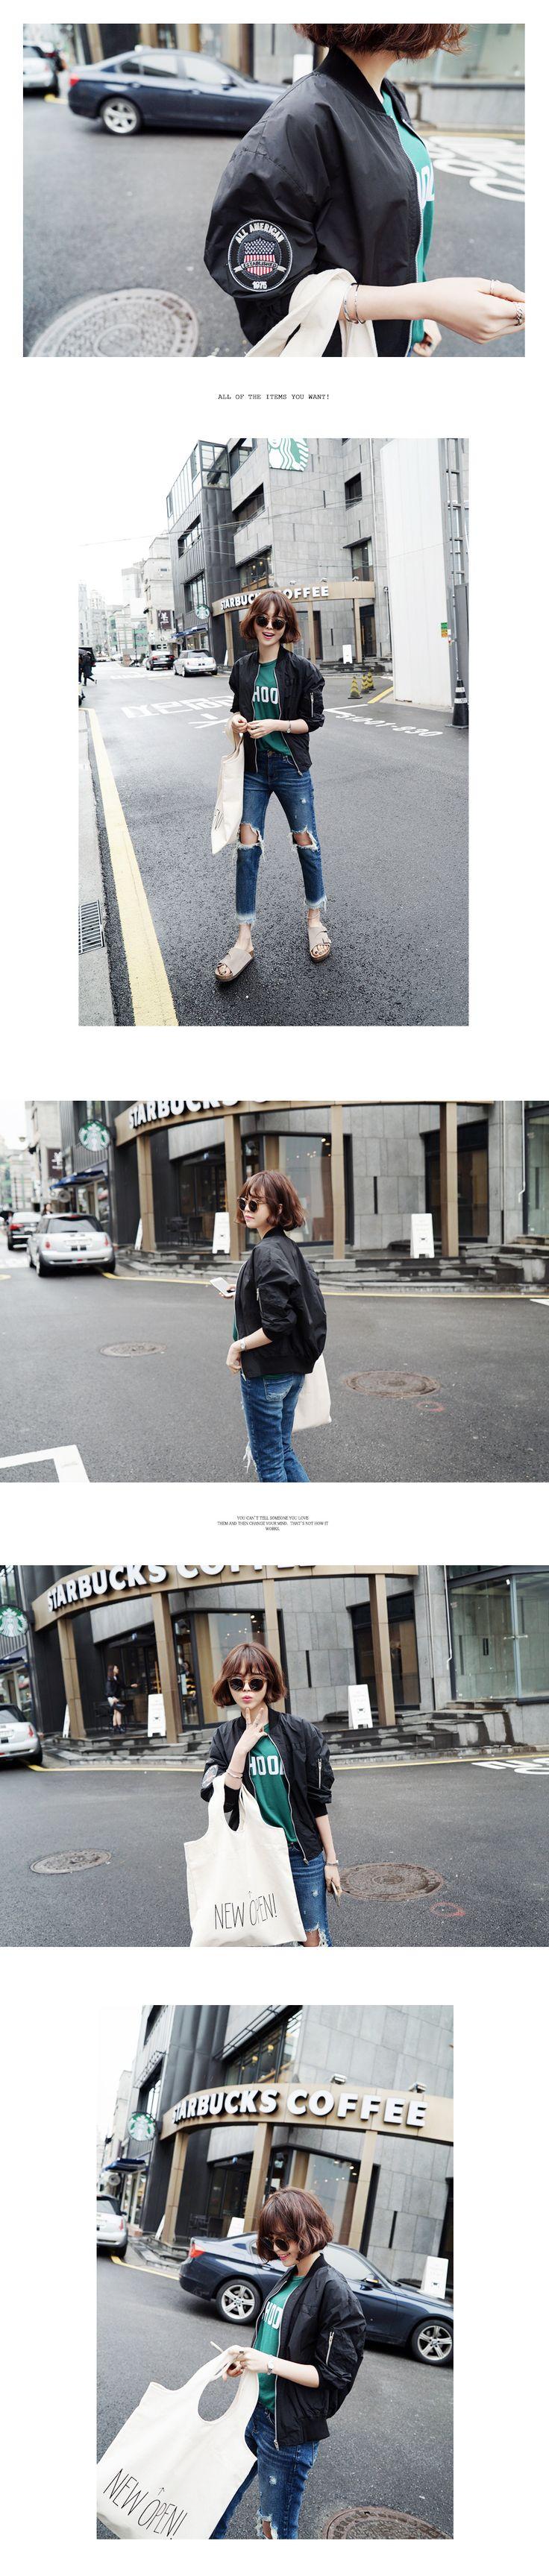 スリーブワッペンMA-1ジャケット・全3色アウターパーカー・ブルゾン|レディースファッション通販 DHOLICディーホリック [ファストファッション 水着 ワンピース]